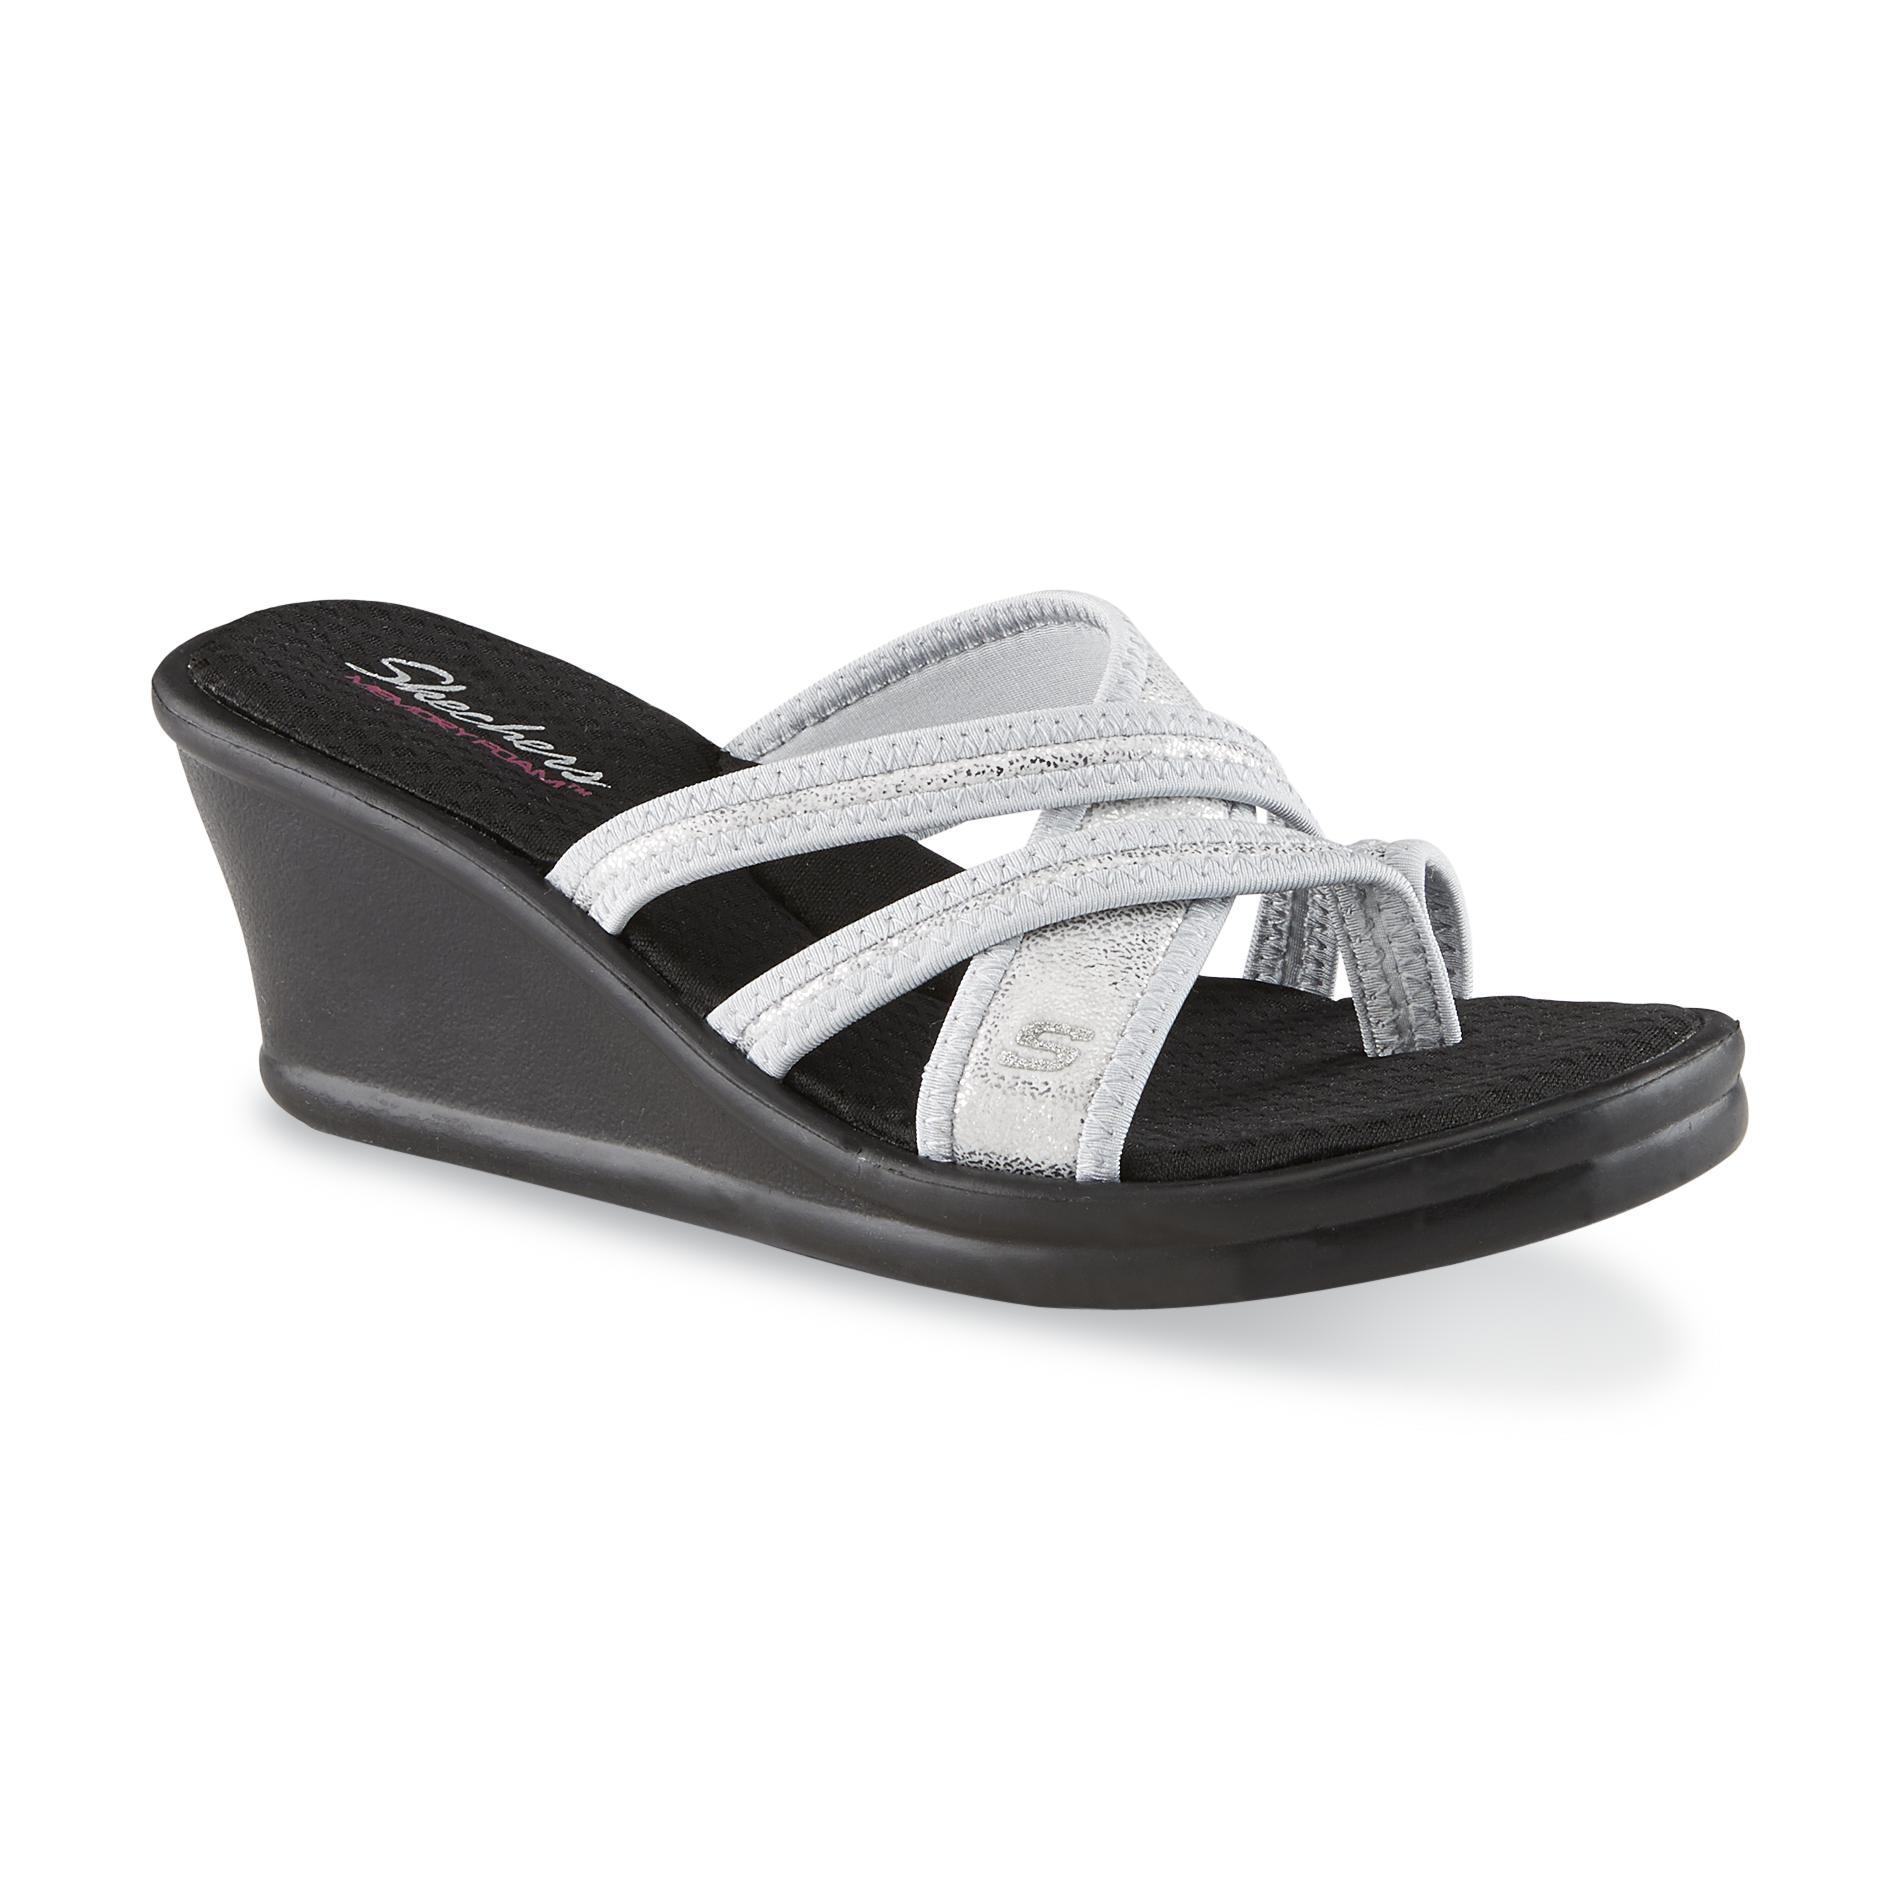 Skechers Women's Happy Dayz Silver/Black Open-Toe Wedge Sandals